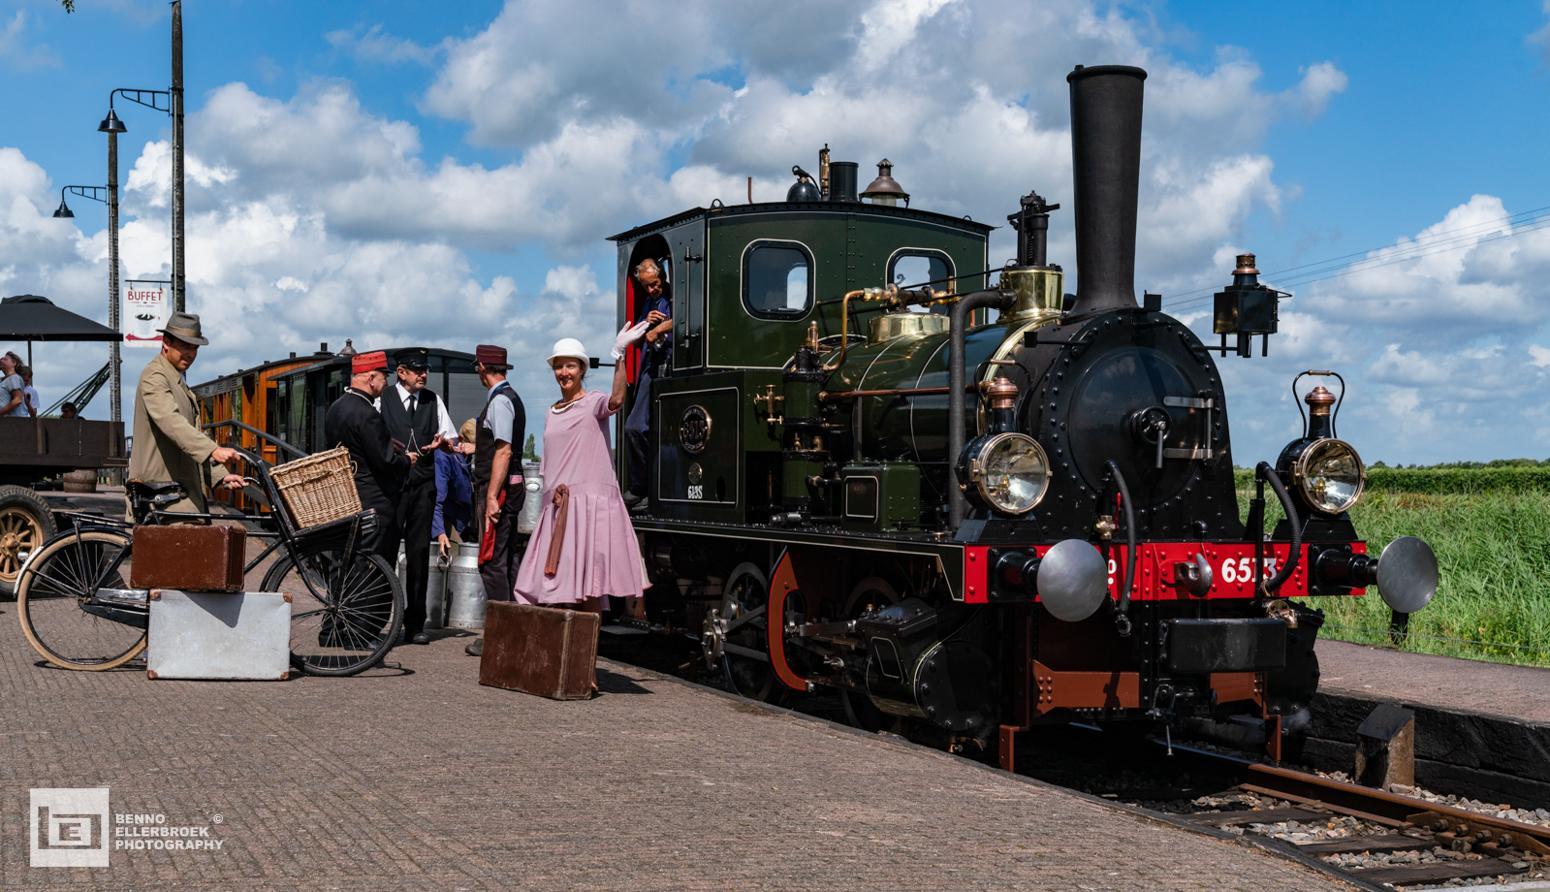 'Dienstregeling' voor alle West-Friese musea: Tijdsloten om publiek in goede banen te leiden